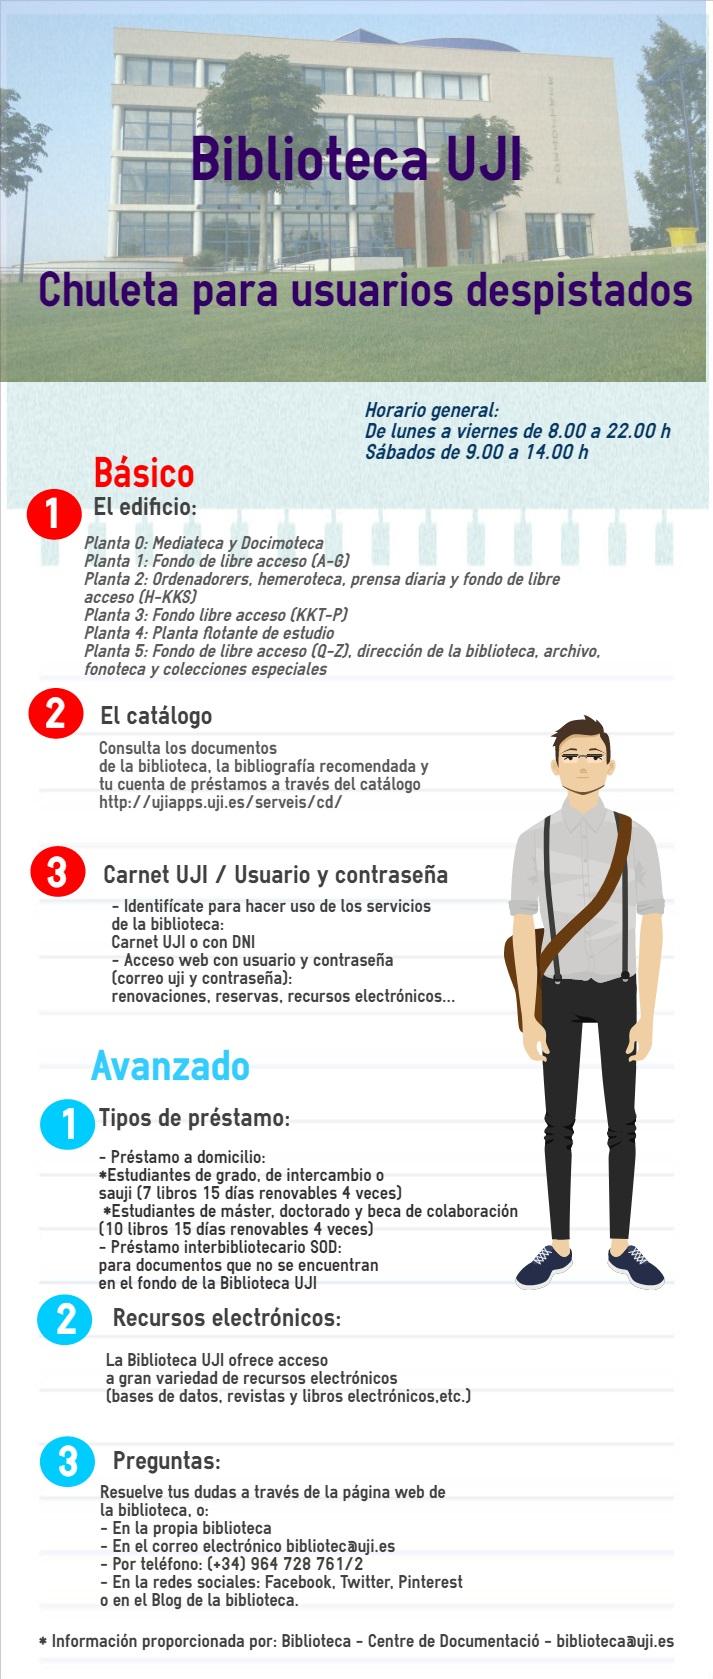 chuletausuarios3